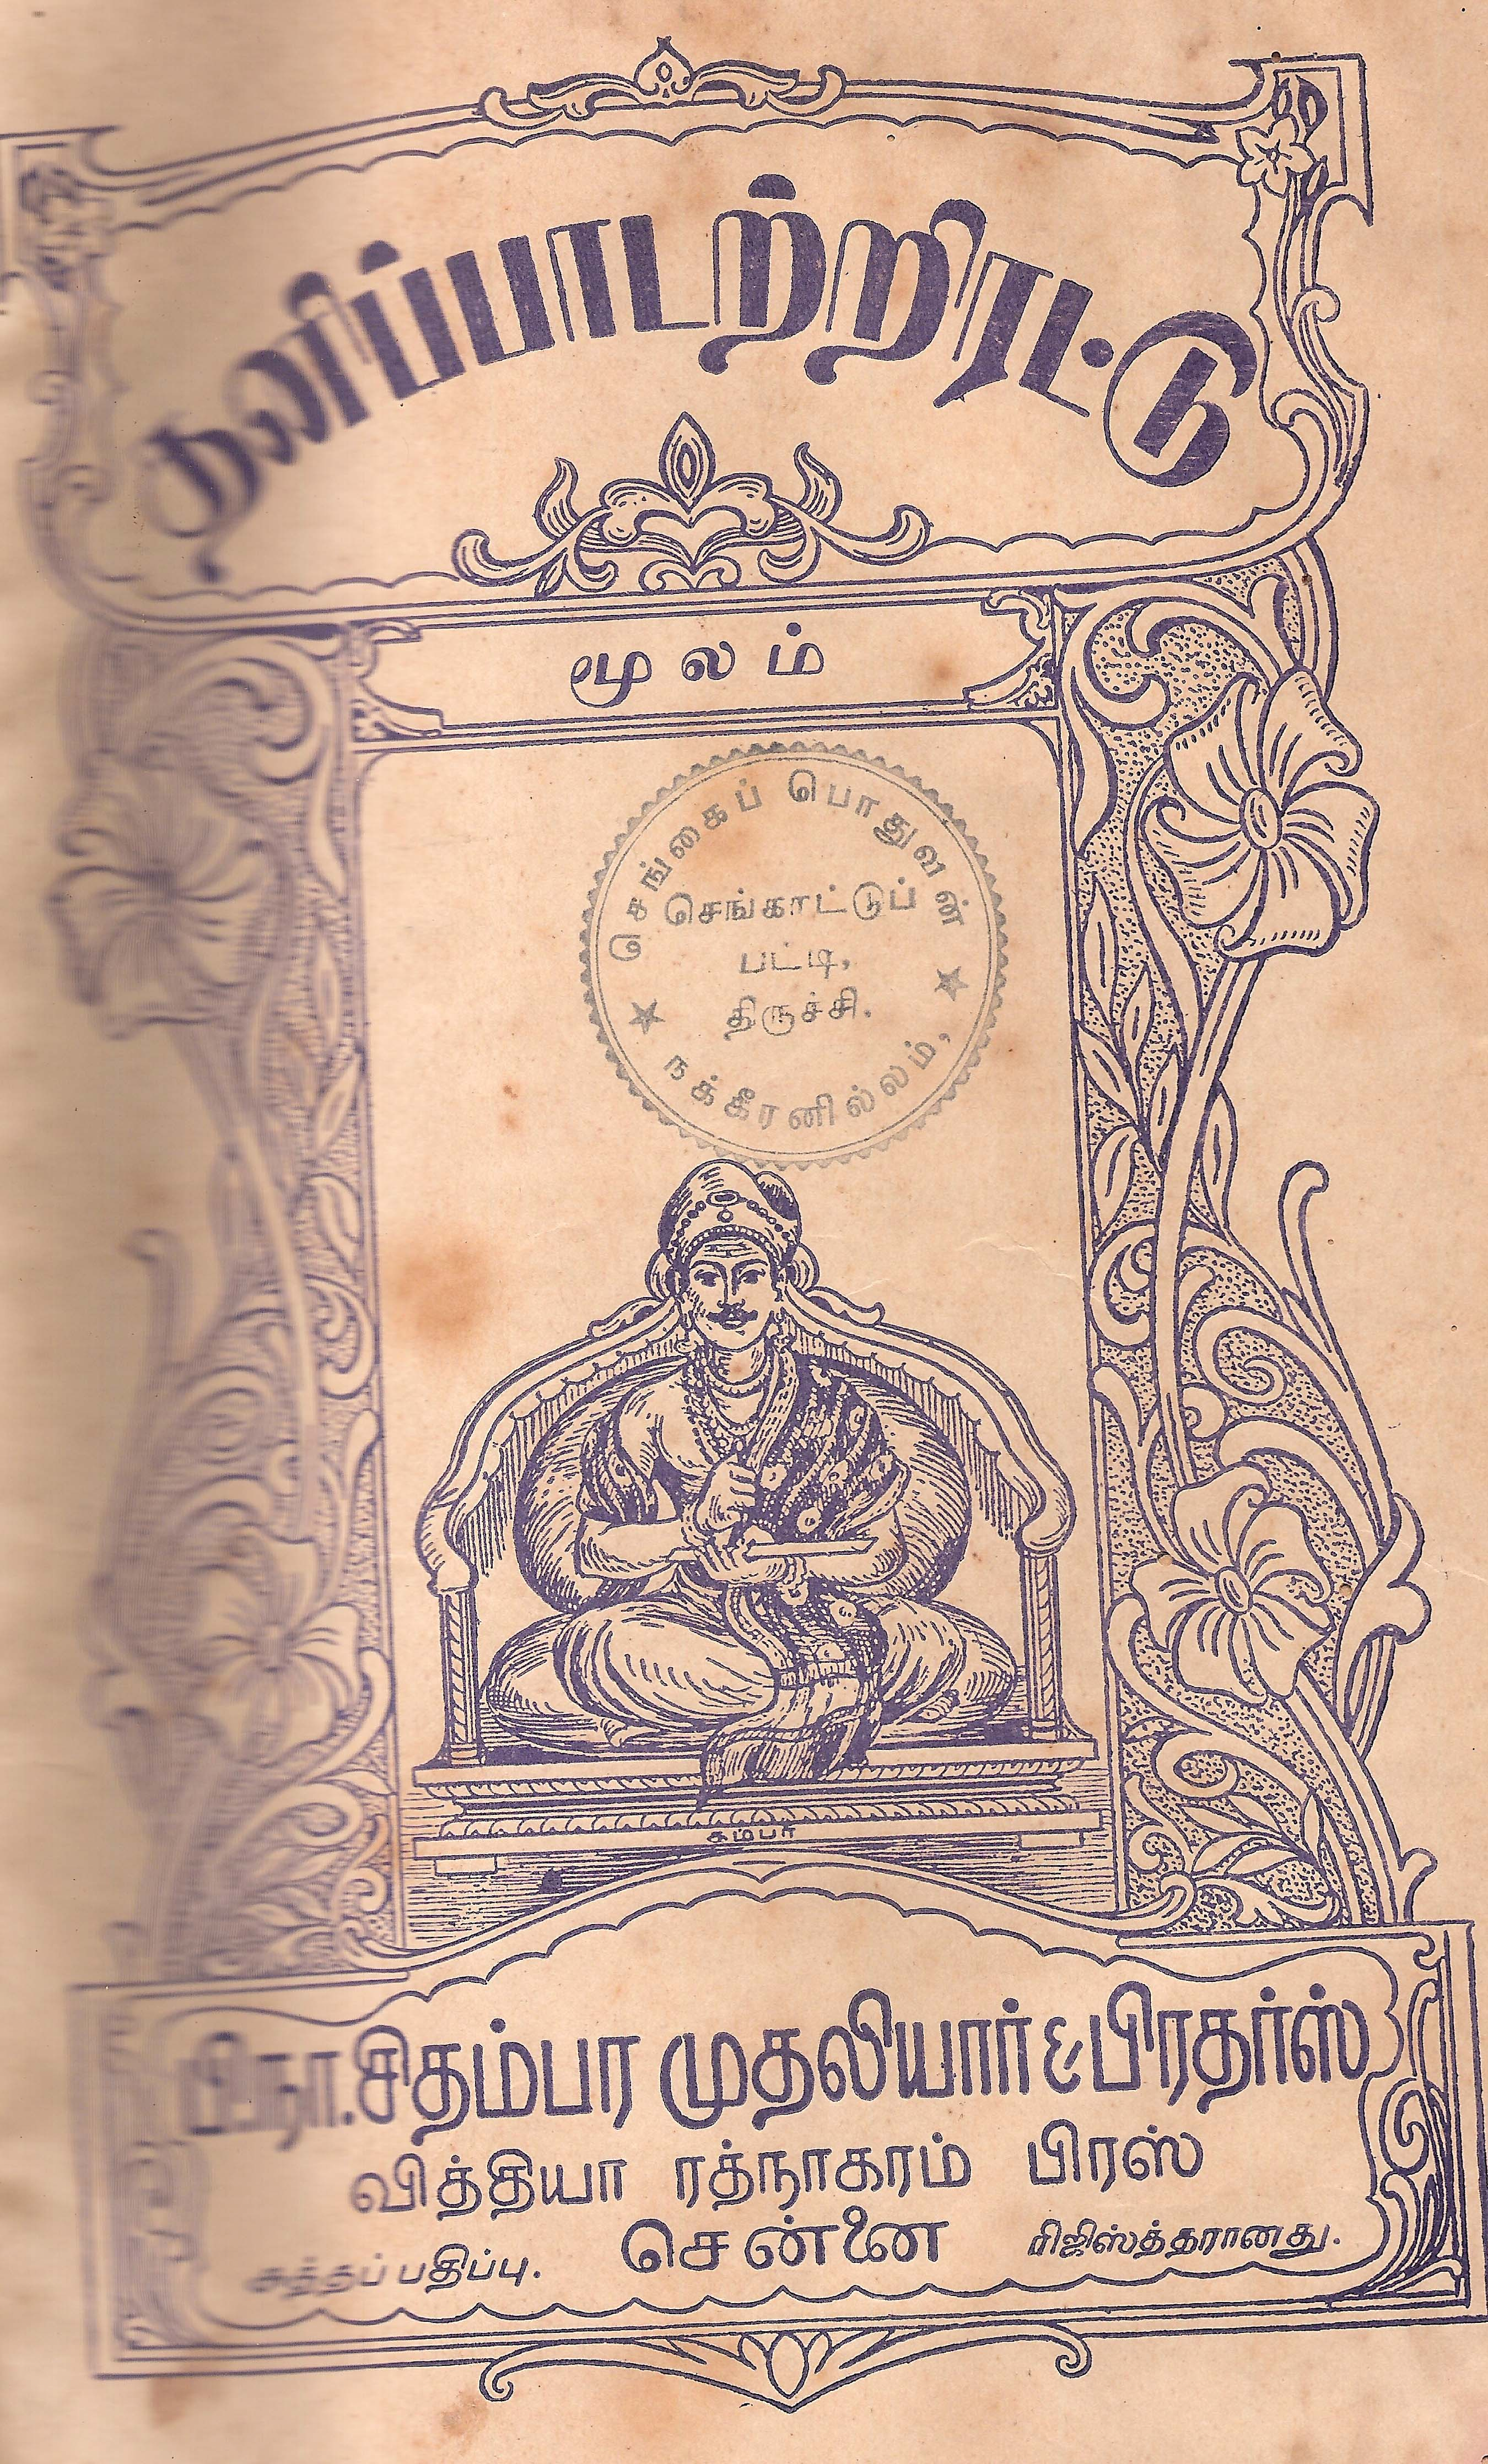 Adobe Photoshop Books Pdf In Tamil